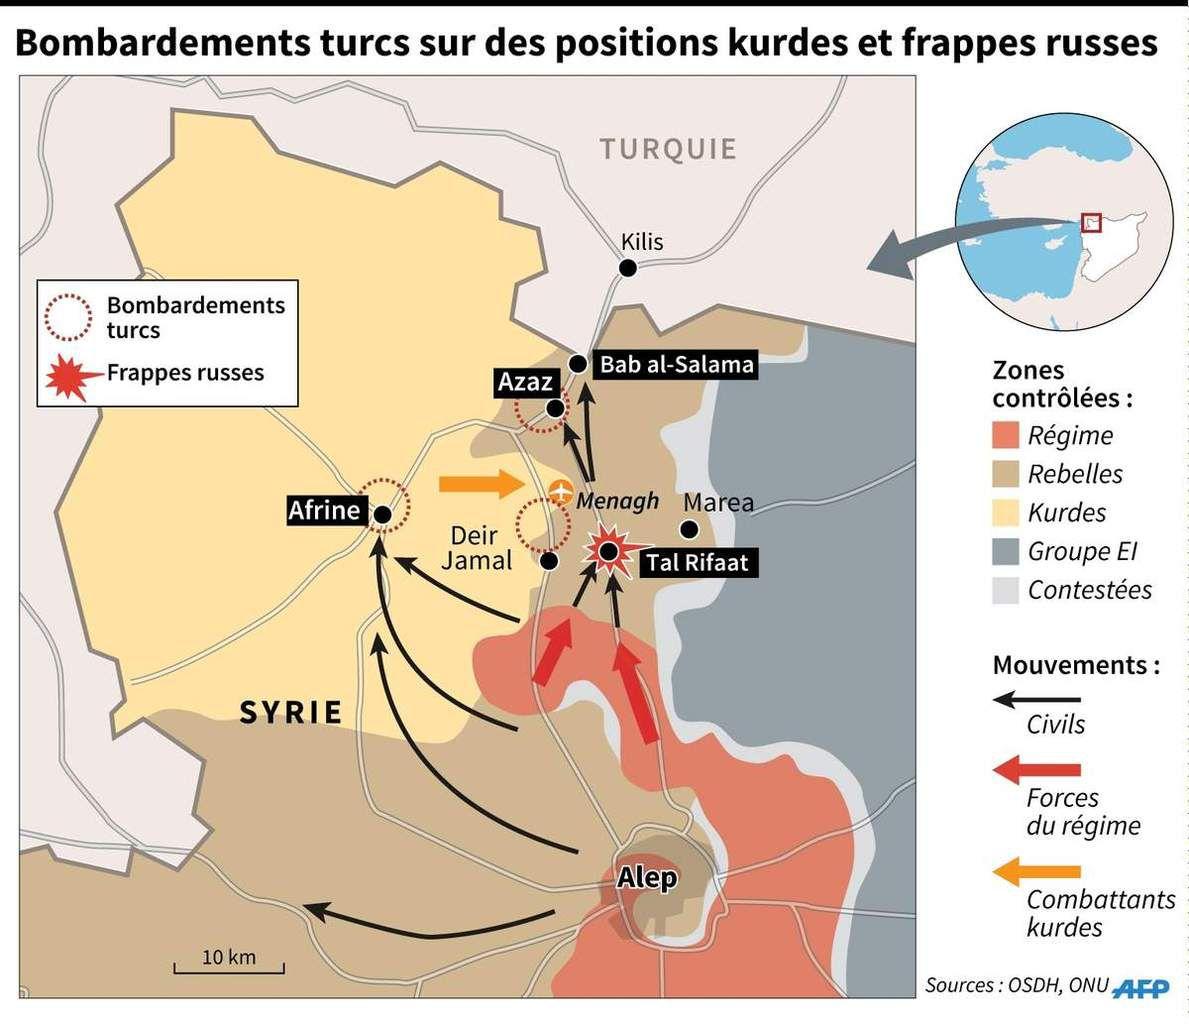 De quel droit la Turquie bombarde-t-elle le nord de la Syrie, Etat souverain, zone contrôlée par les Kurdes, qui se battent contre Desch ? L'info et le commentaire de &quot&#x3B;canempechepasnicolas&quot&#x3B;